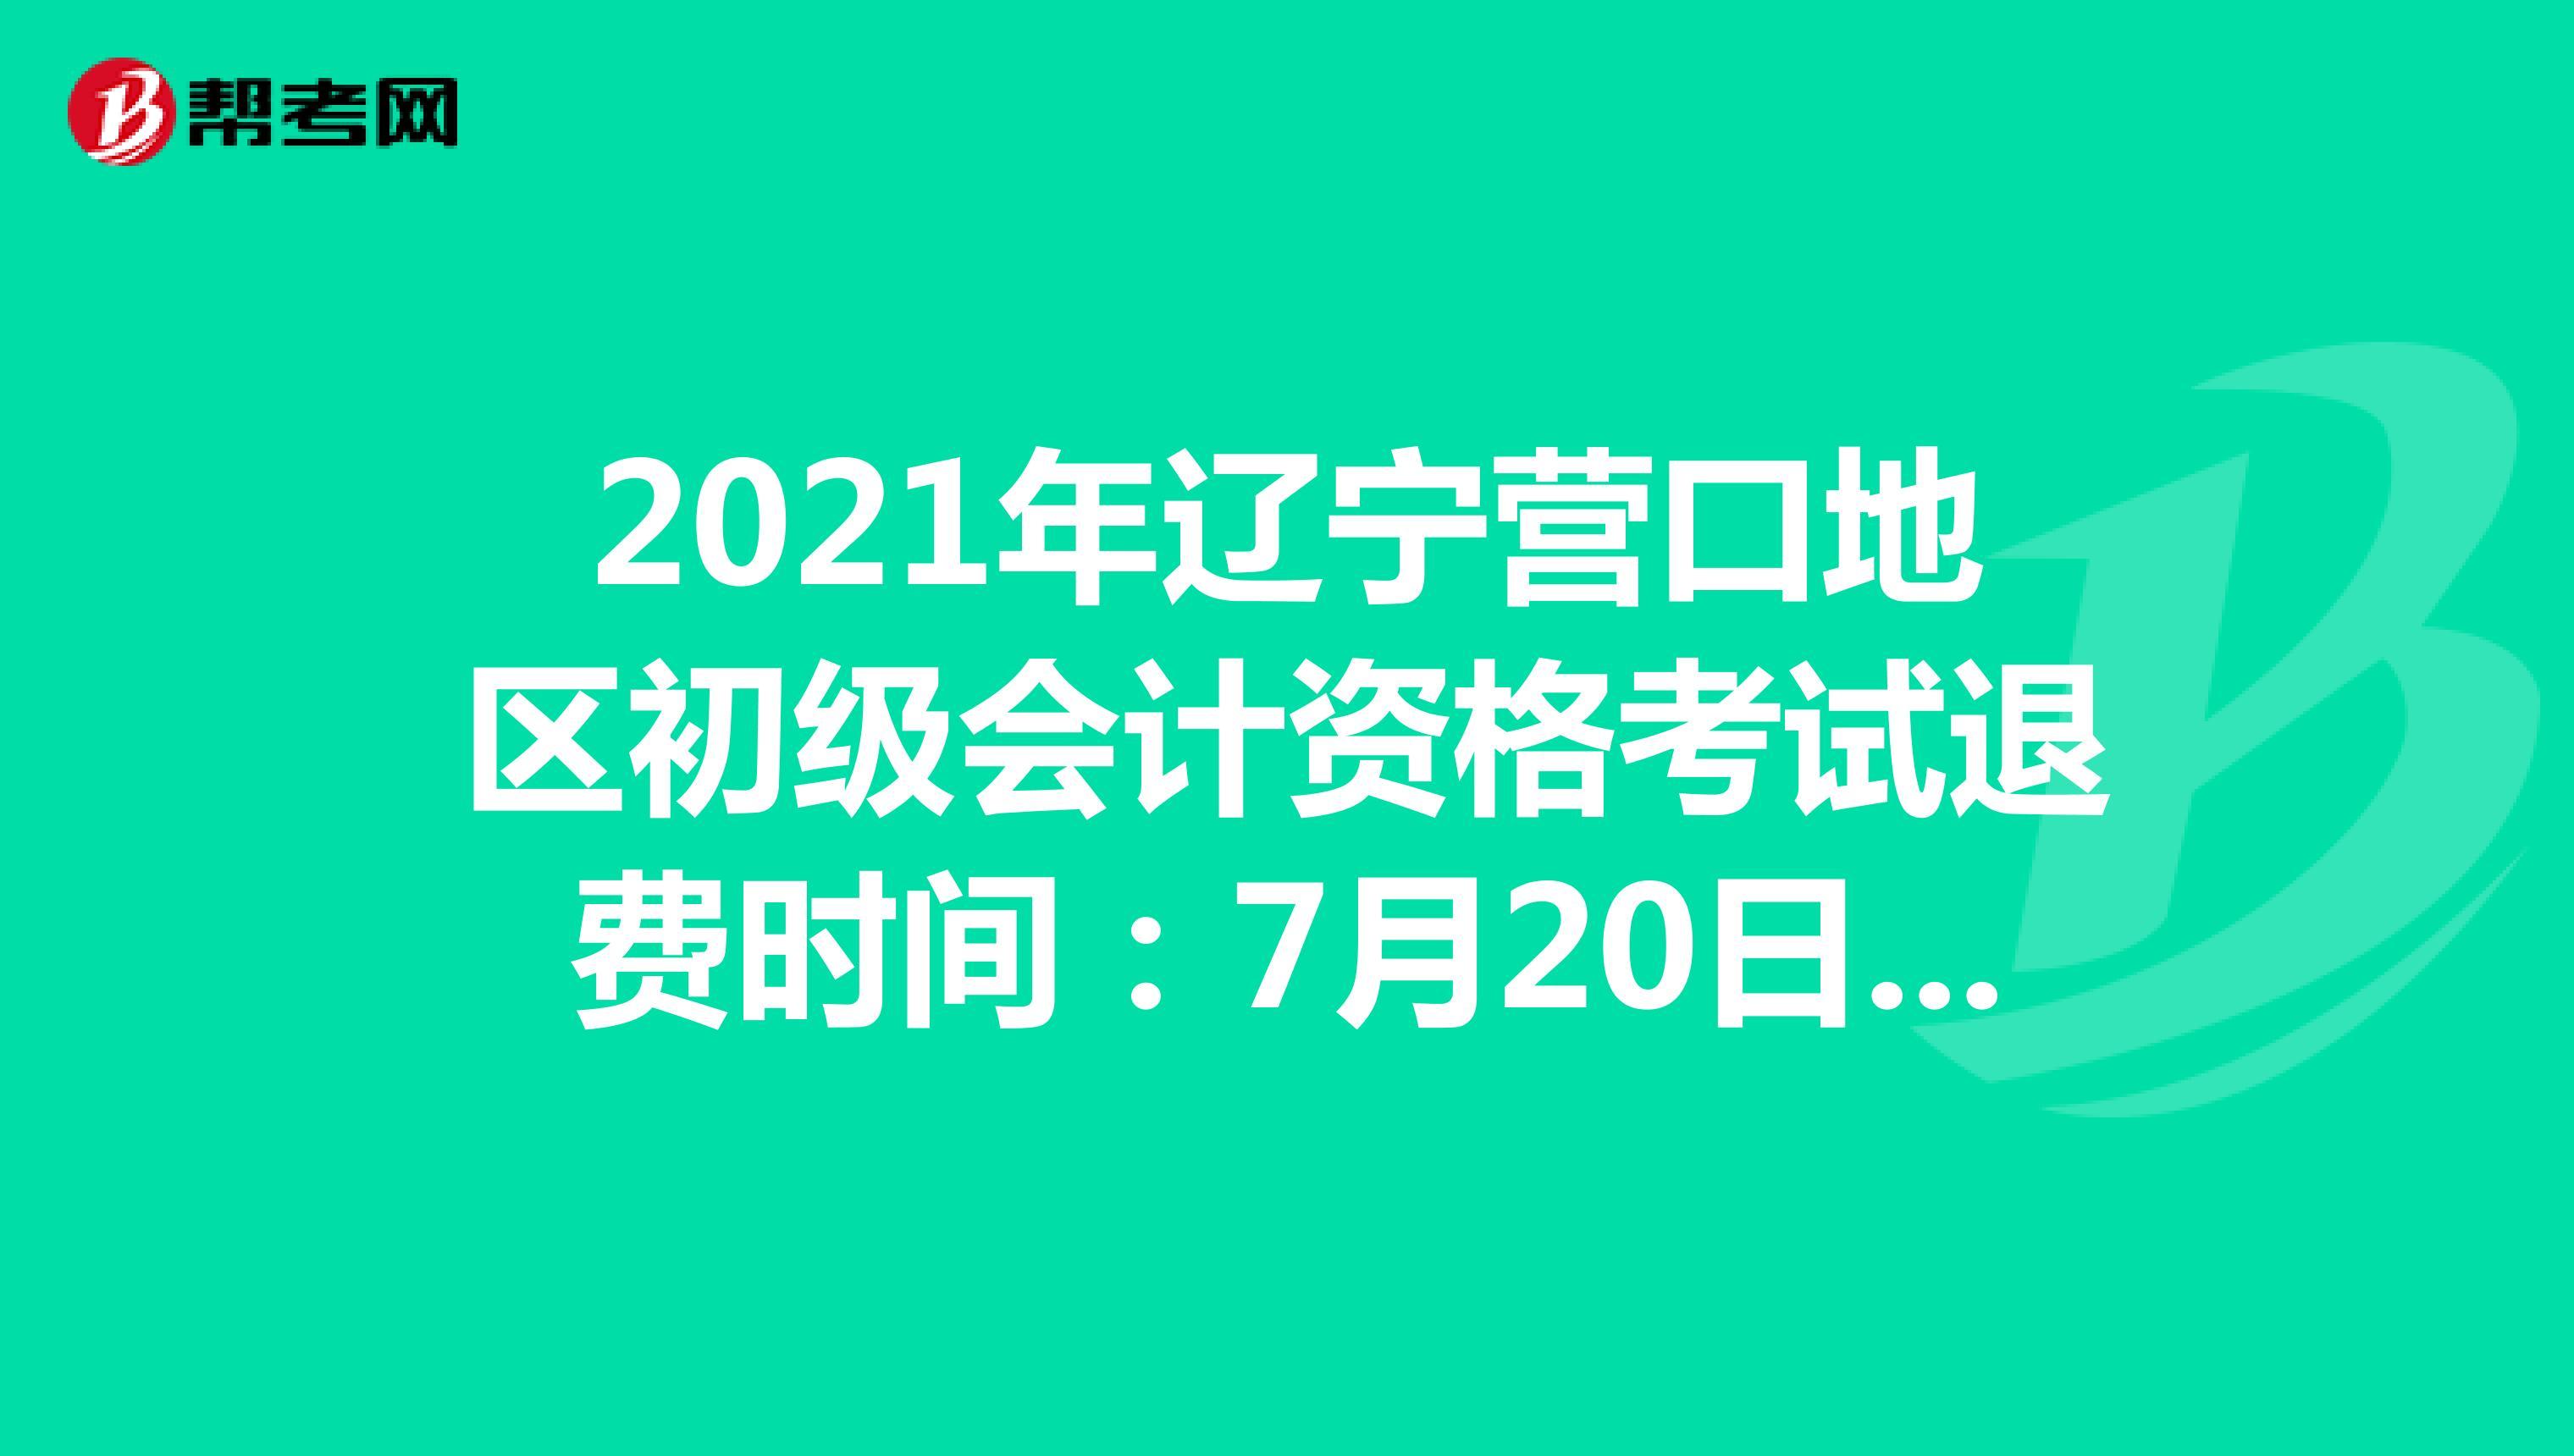 2021年辽宁营口地区初级会计资格Beplay官方退费时间:7月20日-8月20日